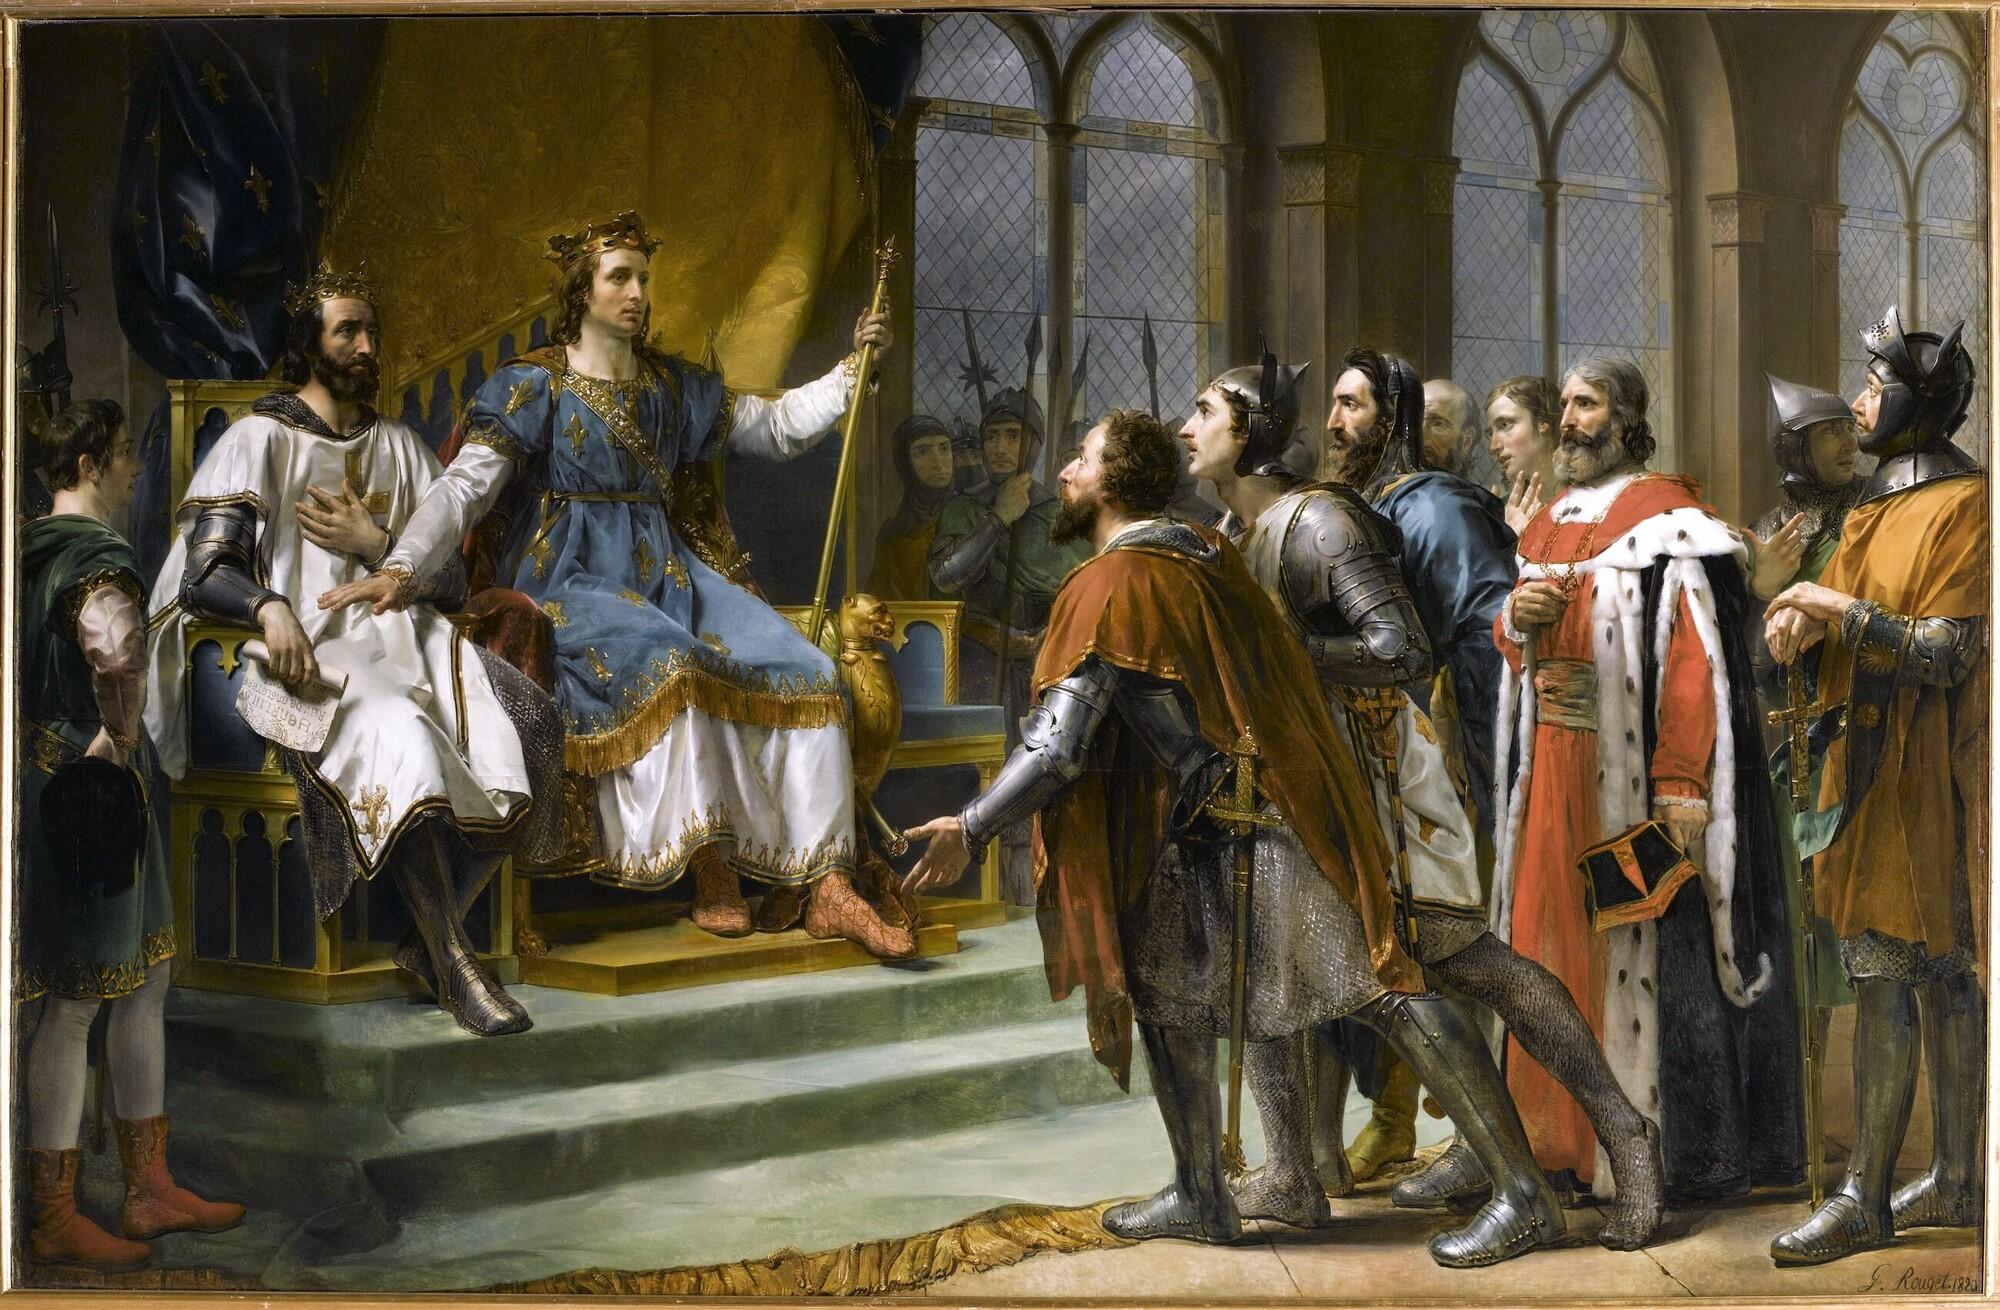 Louis IX (Saint Louis) médiateur entre le roi d'Angleterre et ses barons, 23 janvier 1264. Peintre : Georges Rouget.